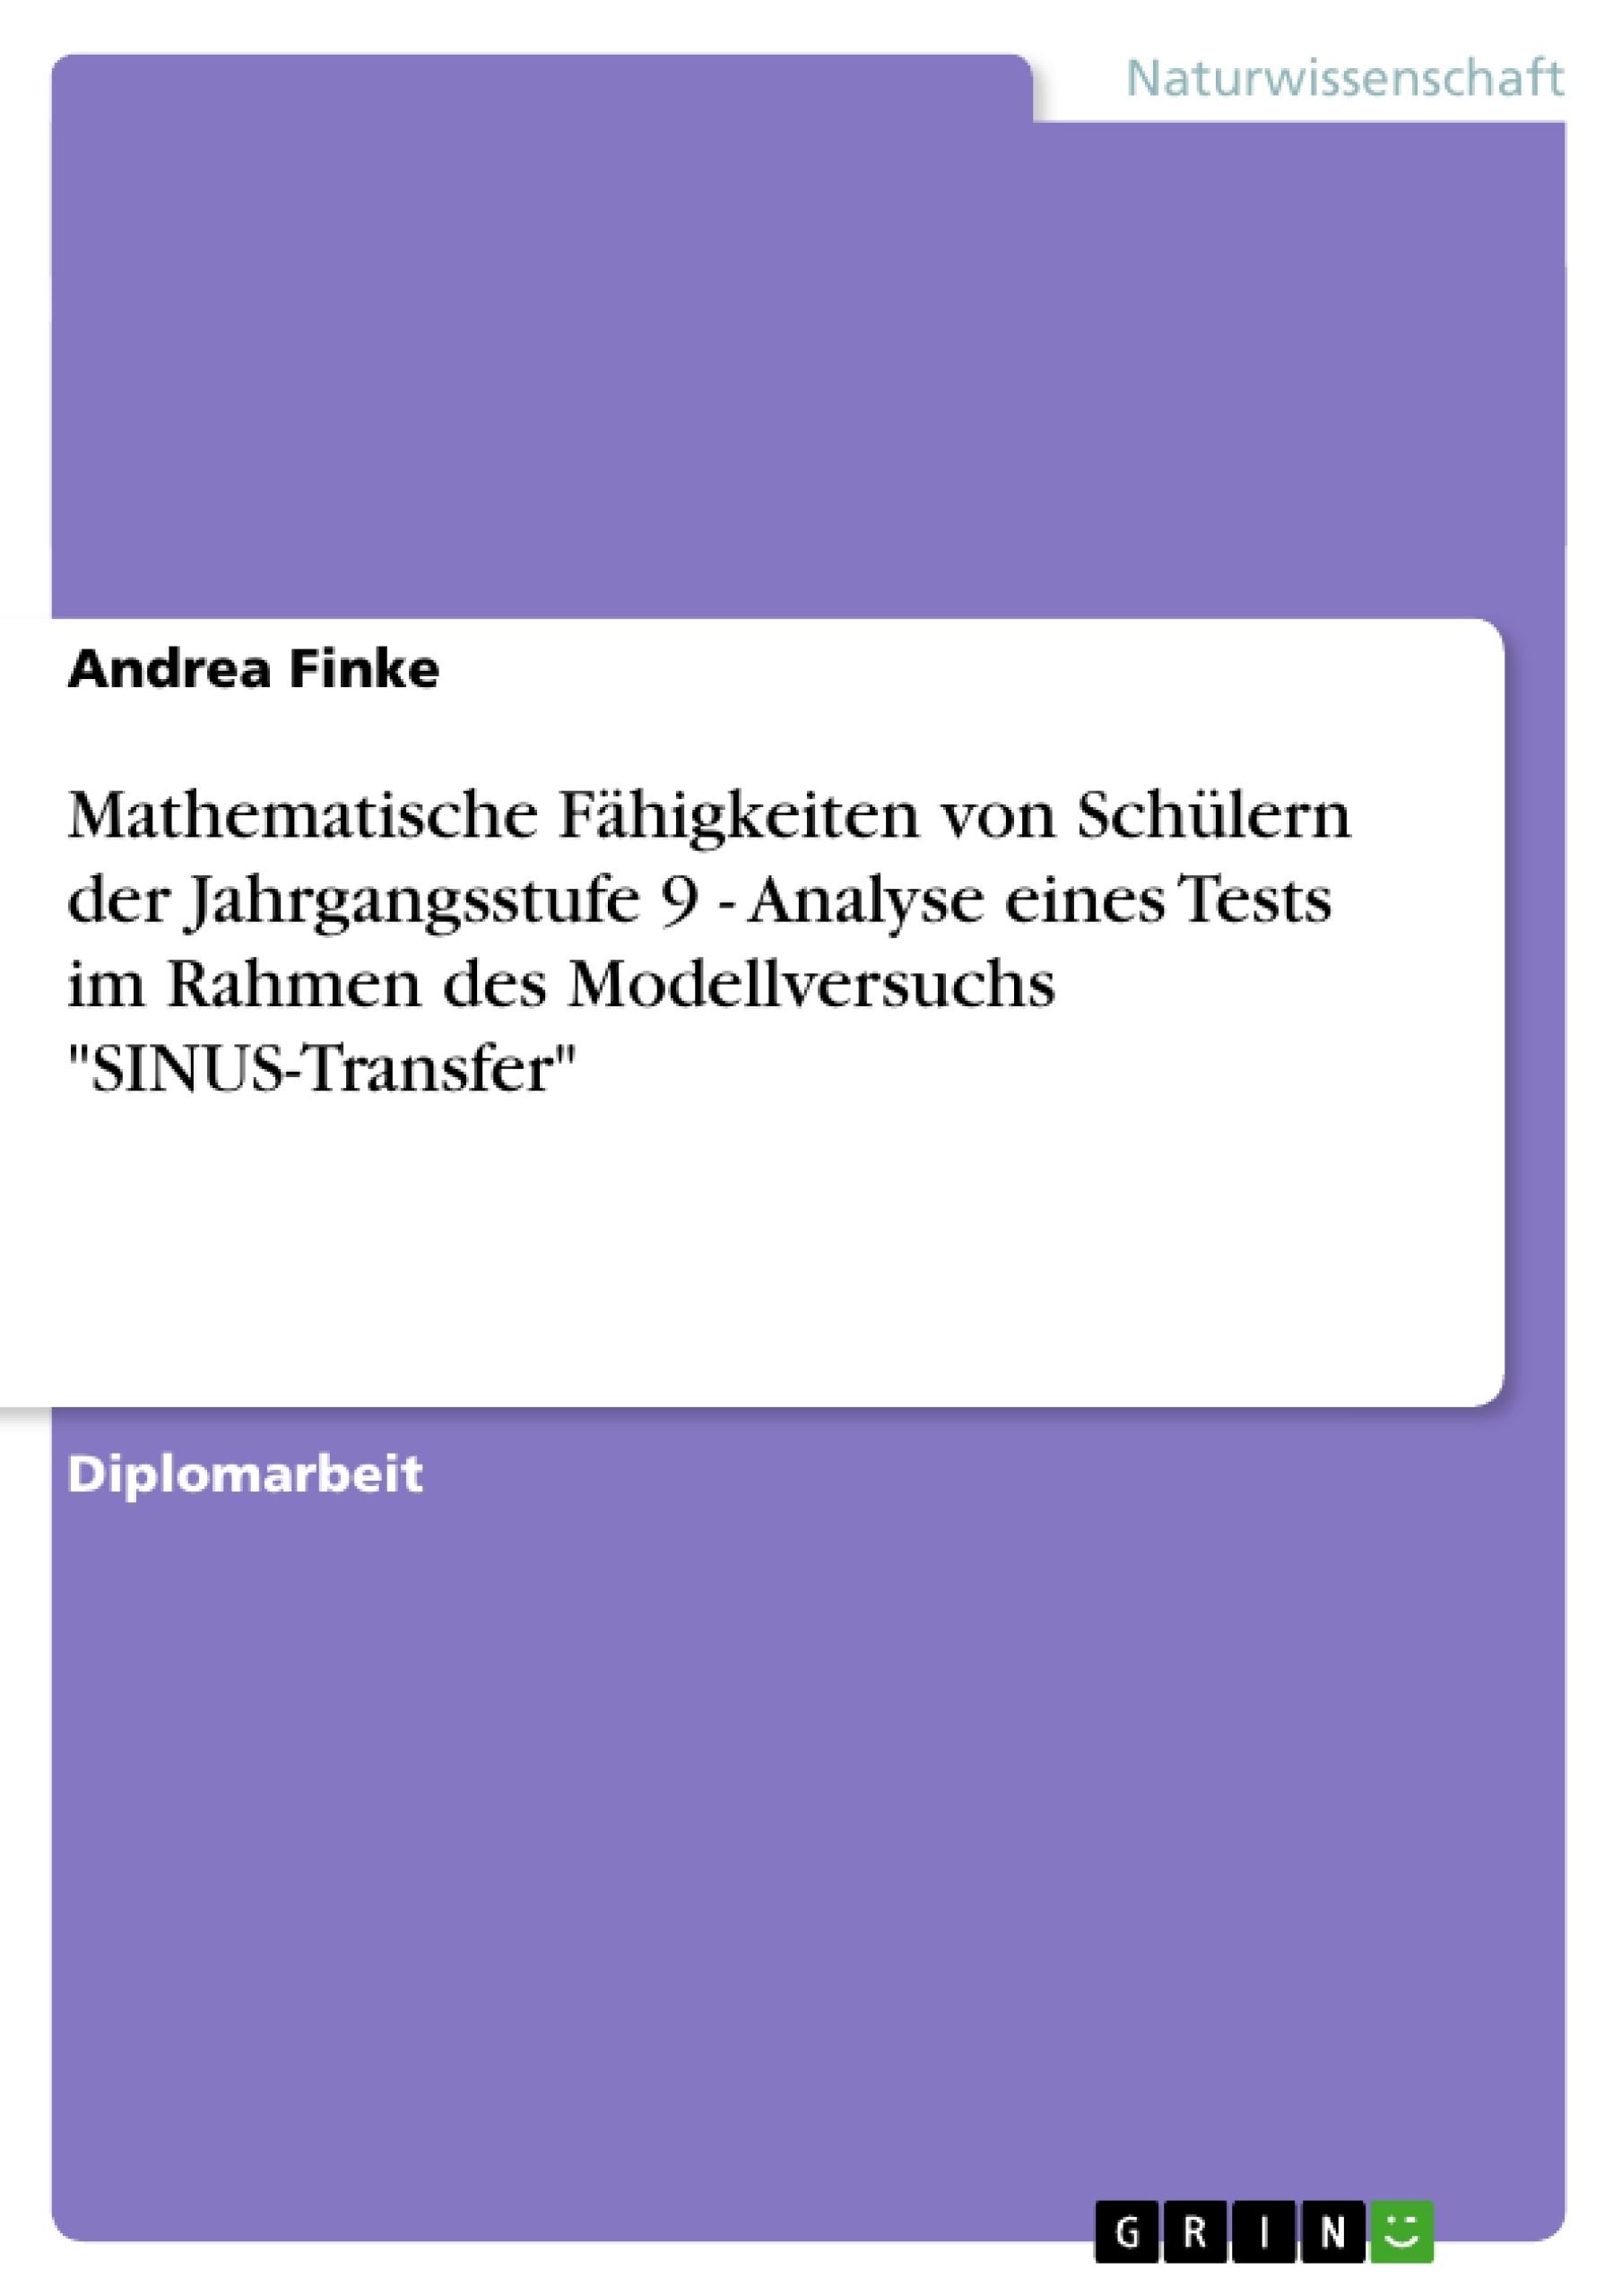 """Titel: Mathematische Fähigkeiten von Schülern der Jahrgangsstufe 9 - Analyse eines Tests im Rahmen des Modellversuchs """"SINUS-Transfer"""""""